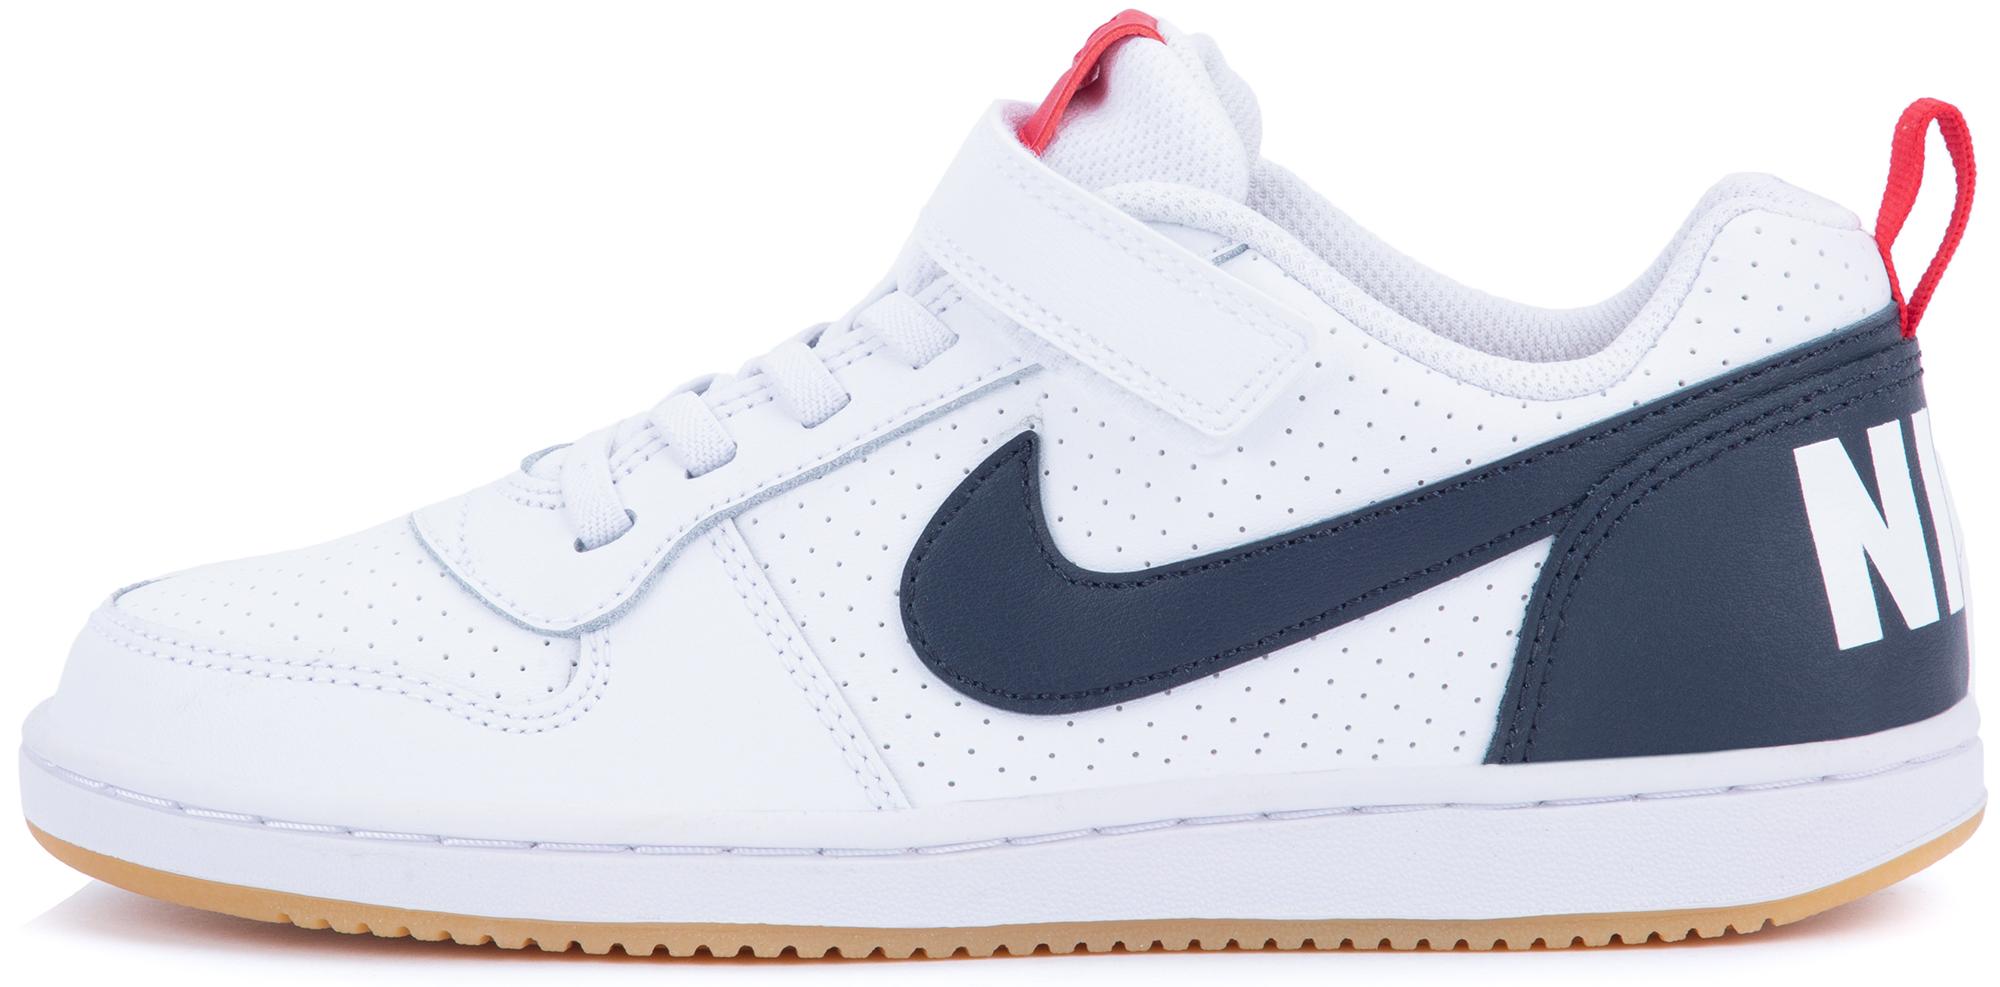 Nike Кеды для мальчиков Court Borough Low, размер 32,5